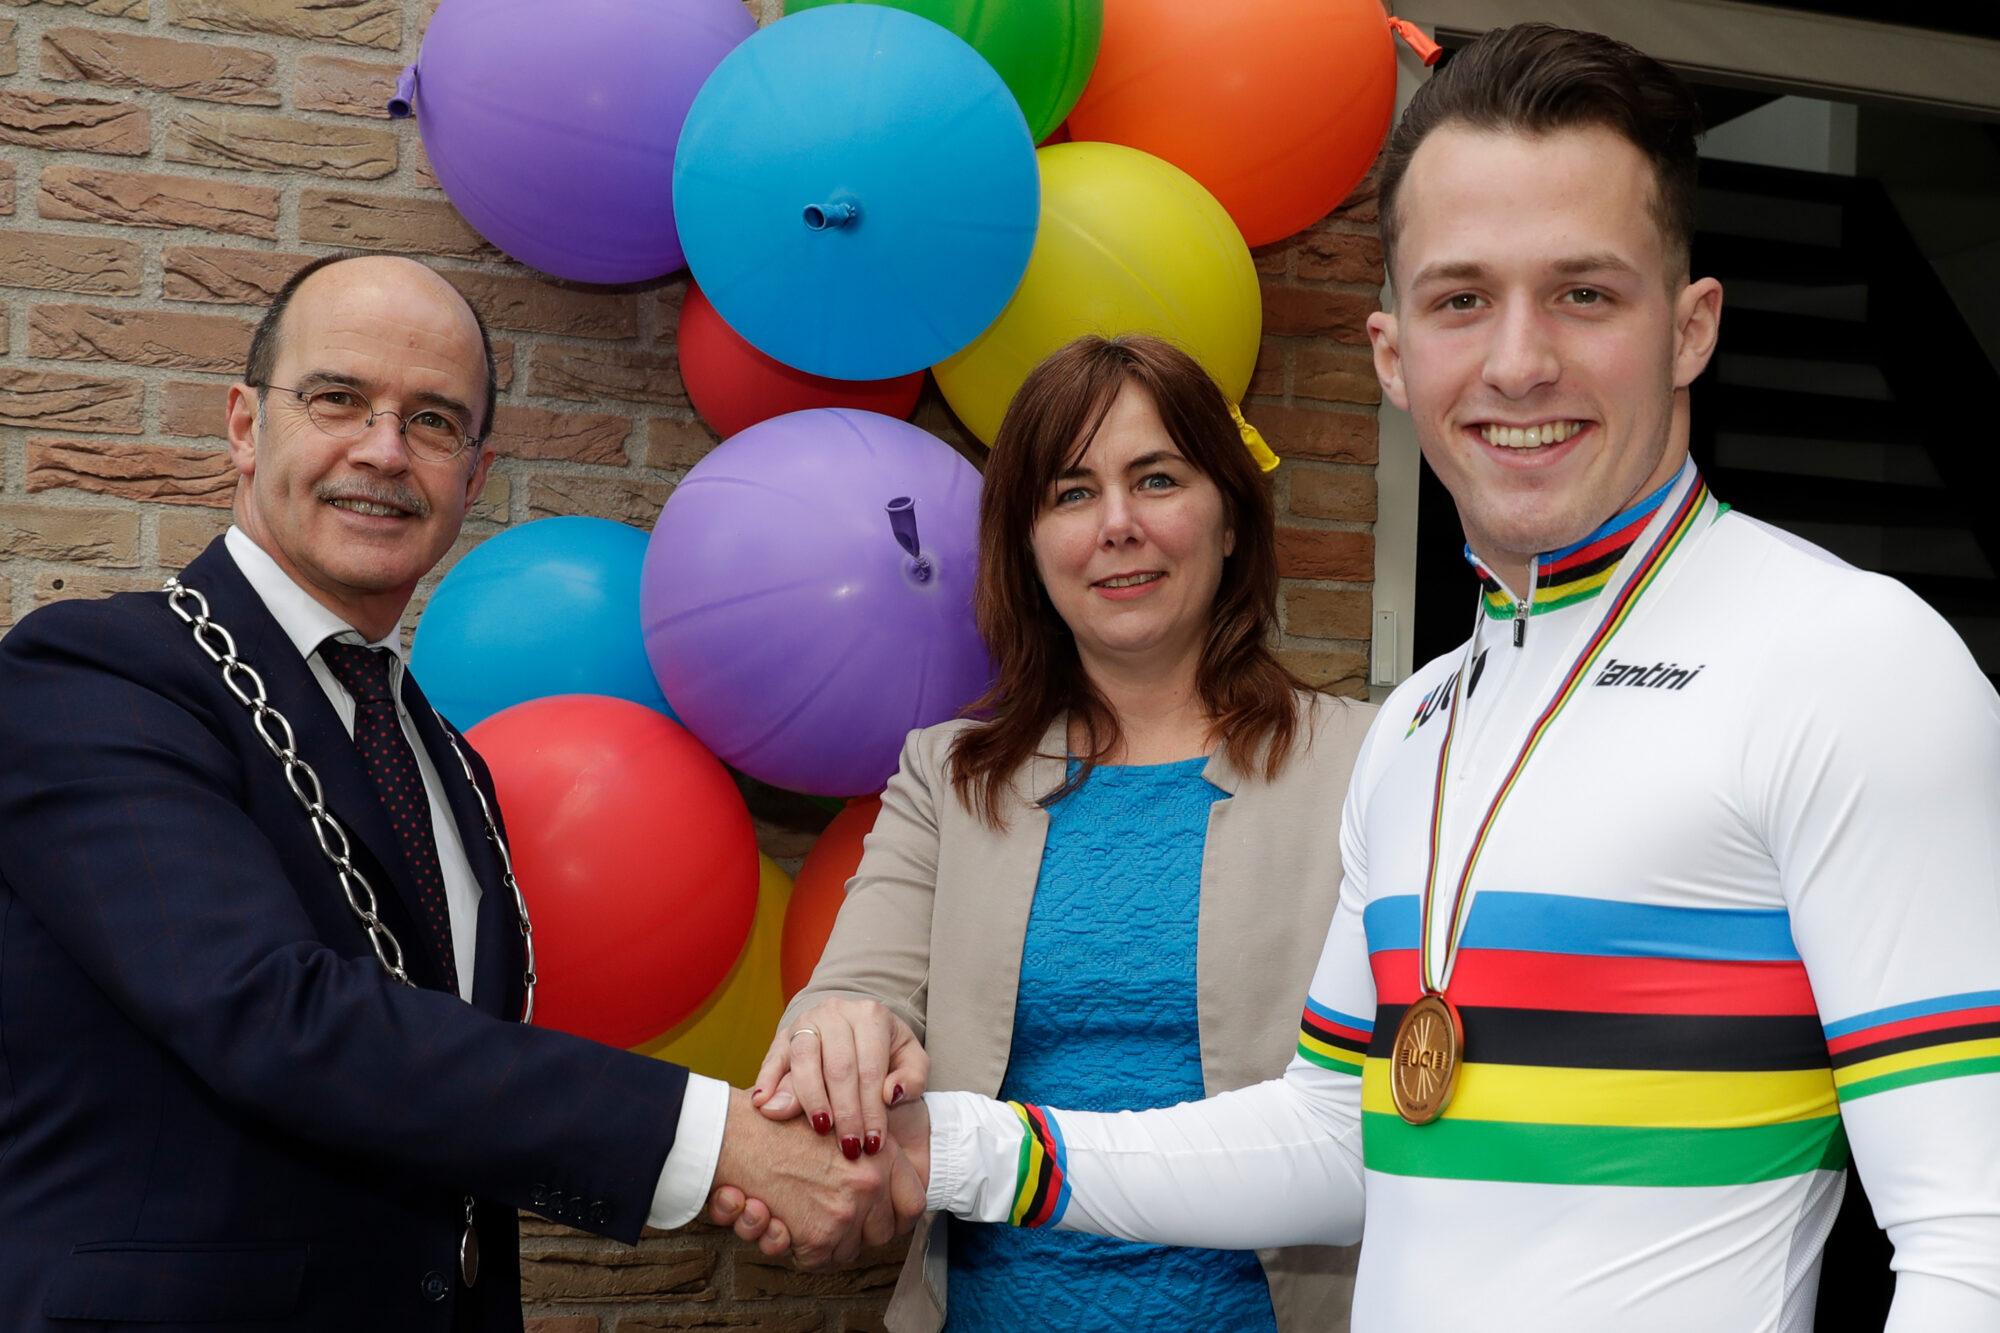 Gemeentelijke felicitaties voor wielrenner Sam Ligtlee